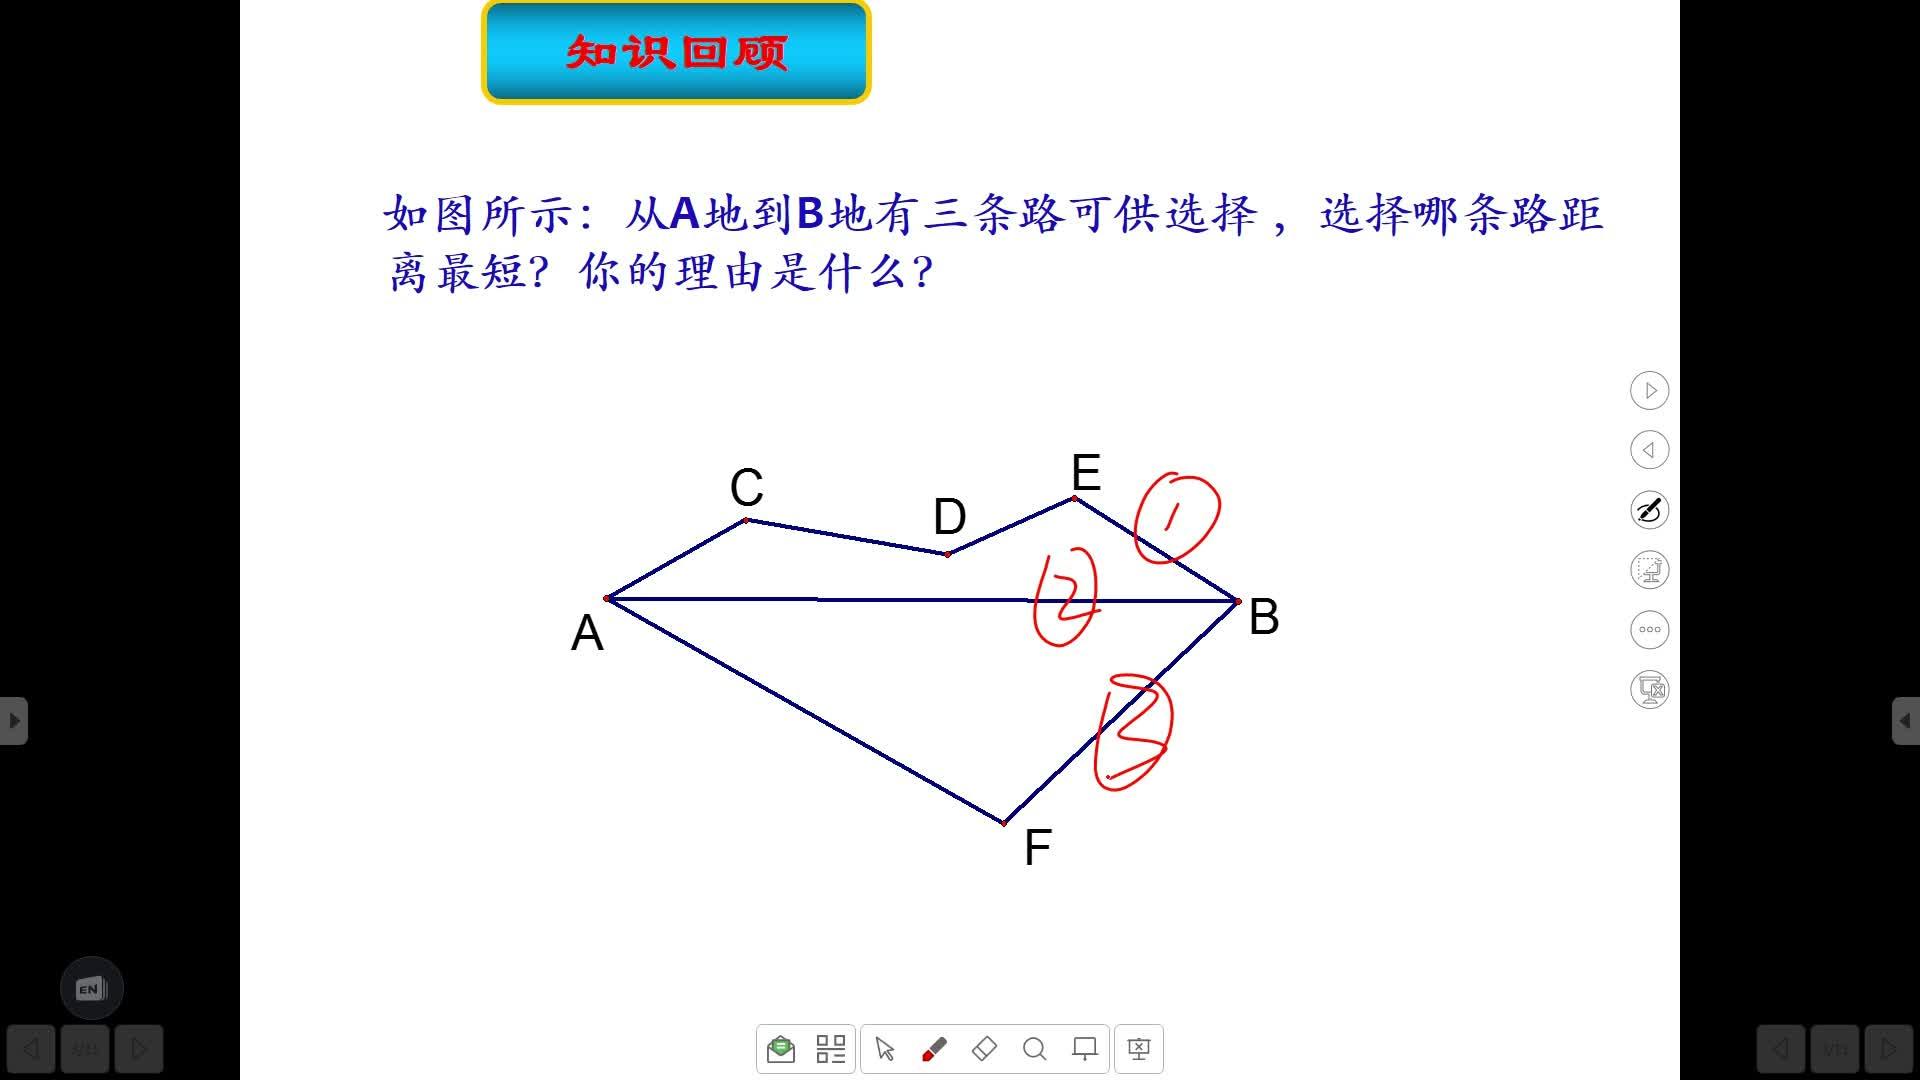 【本视频仅允许在线观看,不支持下载】 课题学习 最短路径问题 教学目标 1.理解并掌握平面内一条直线同侧两个点到直线上的某一点距离之和为最小值时点的位置的确定. 2.理解并掌握平面内两平行线异侧有两个点,则在平行线间何处作垂线段使得顺次连接的三条线段之和最小的位置的确定.  [来自e网通客户端]